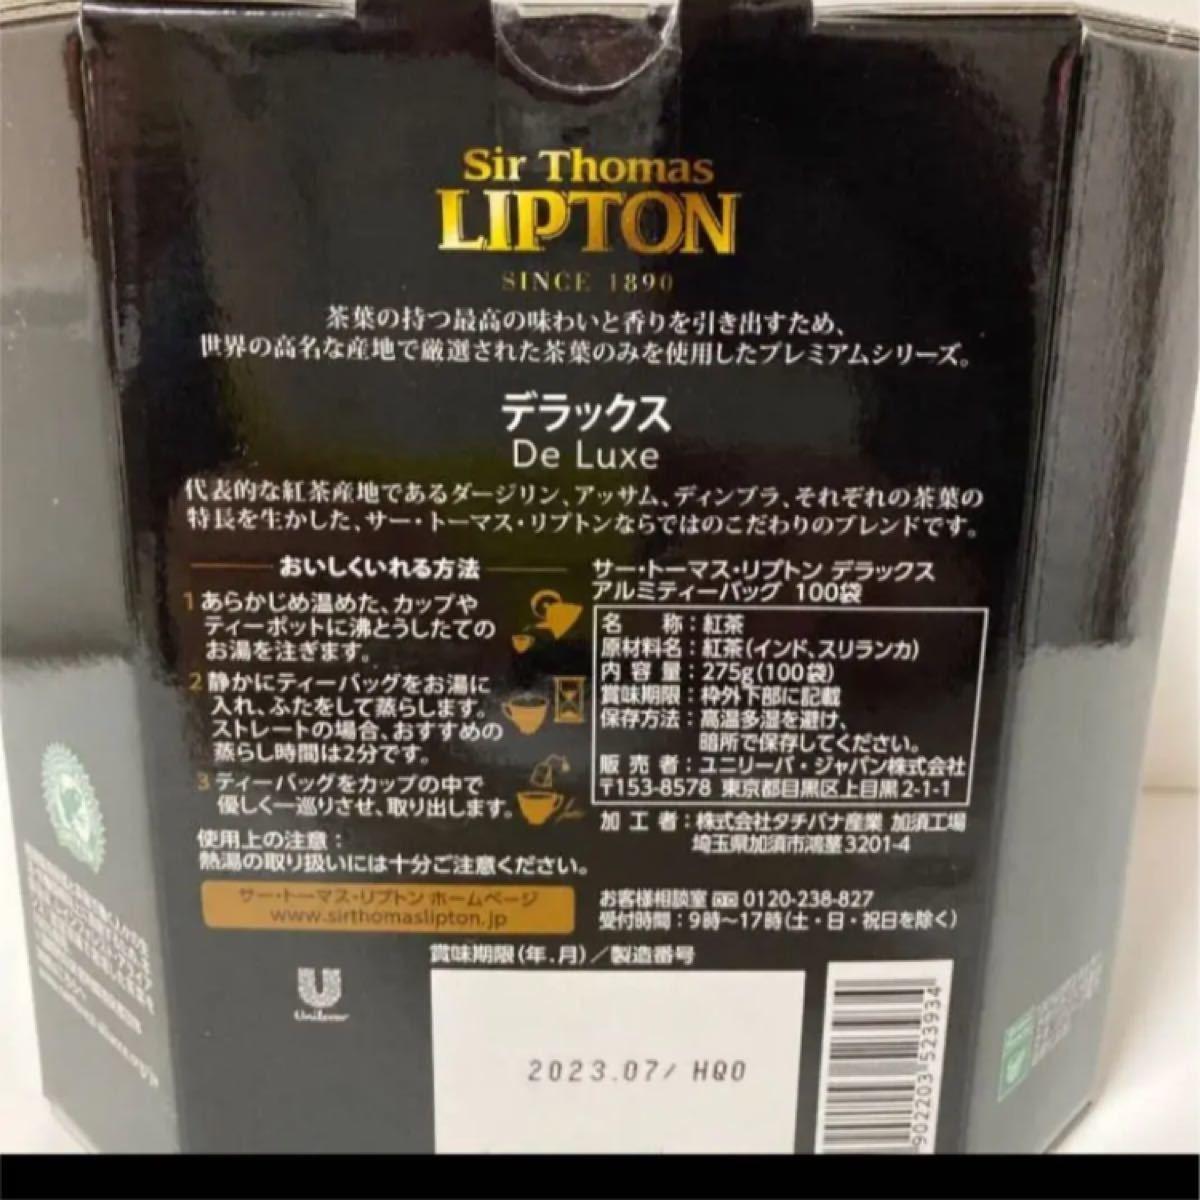 【お試し用】紅茶 リプトン デラックス ティーバッグ20包 おいしい紅茶